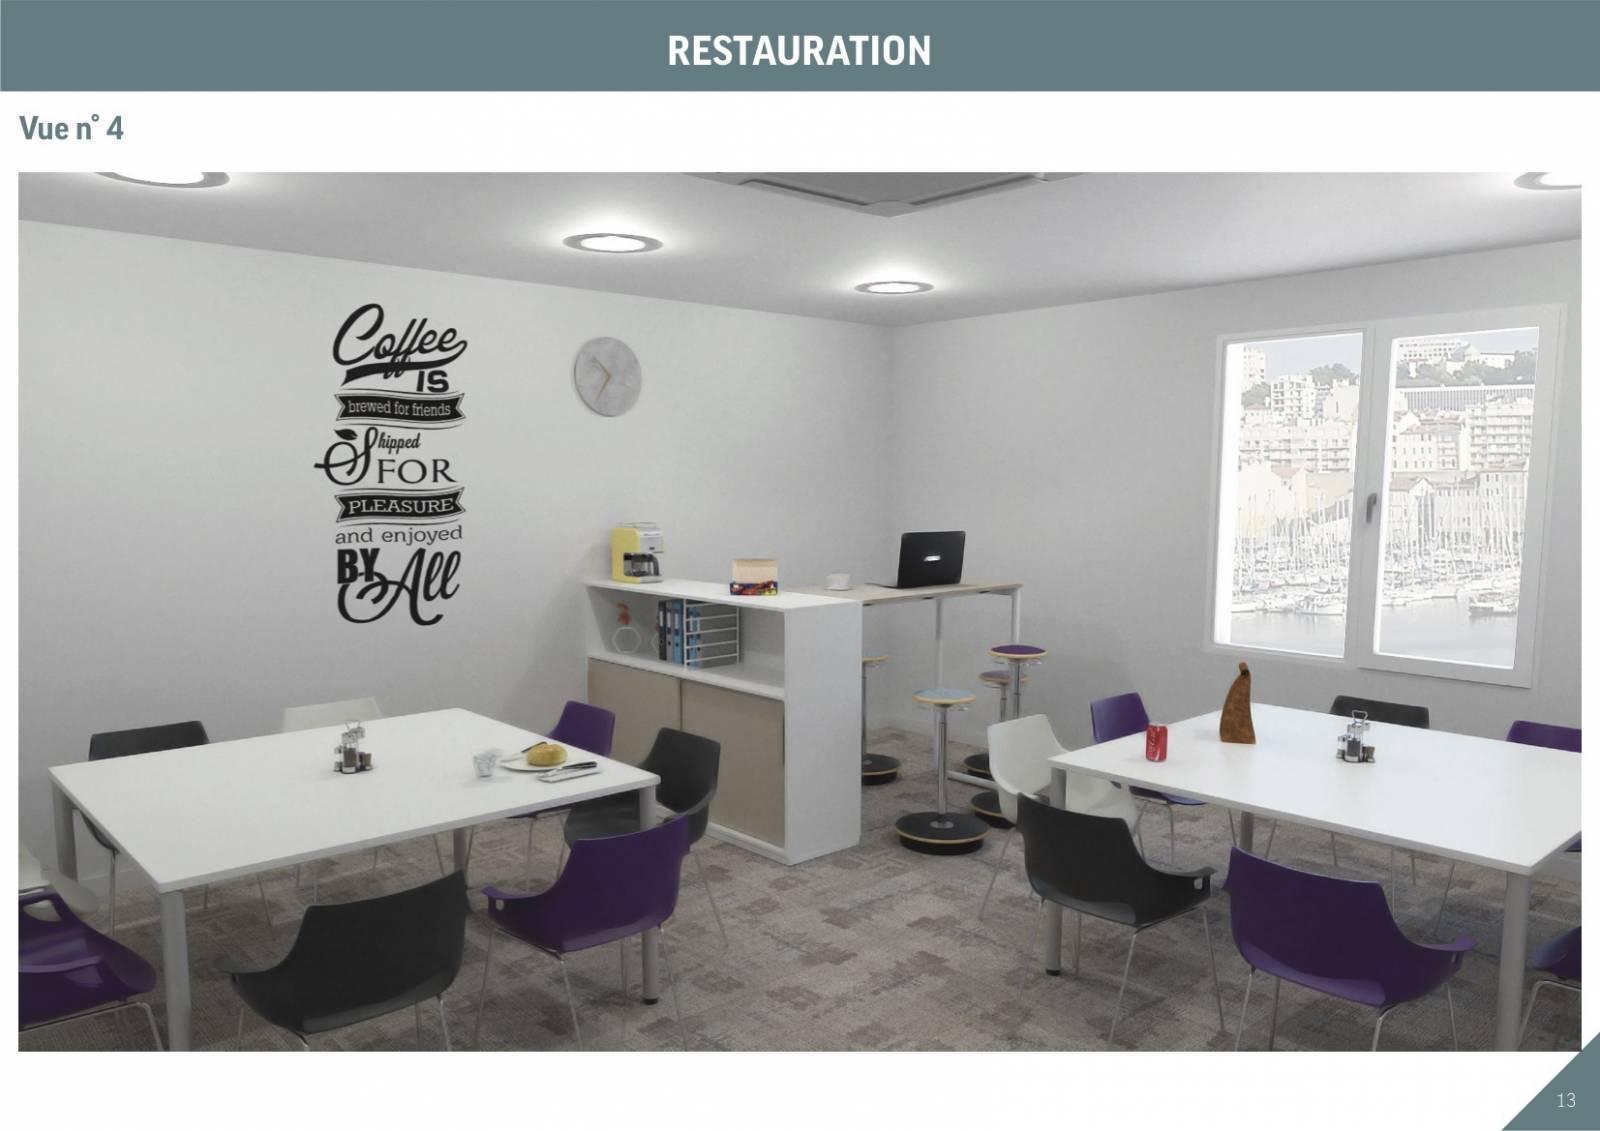 Proposition d'ambiance pour la salle de restauration avec du mobilier tendance et dynamique